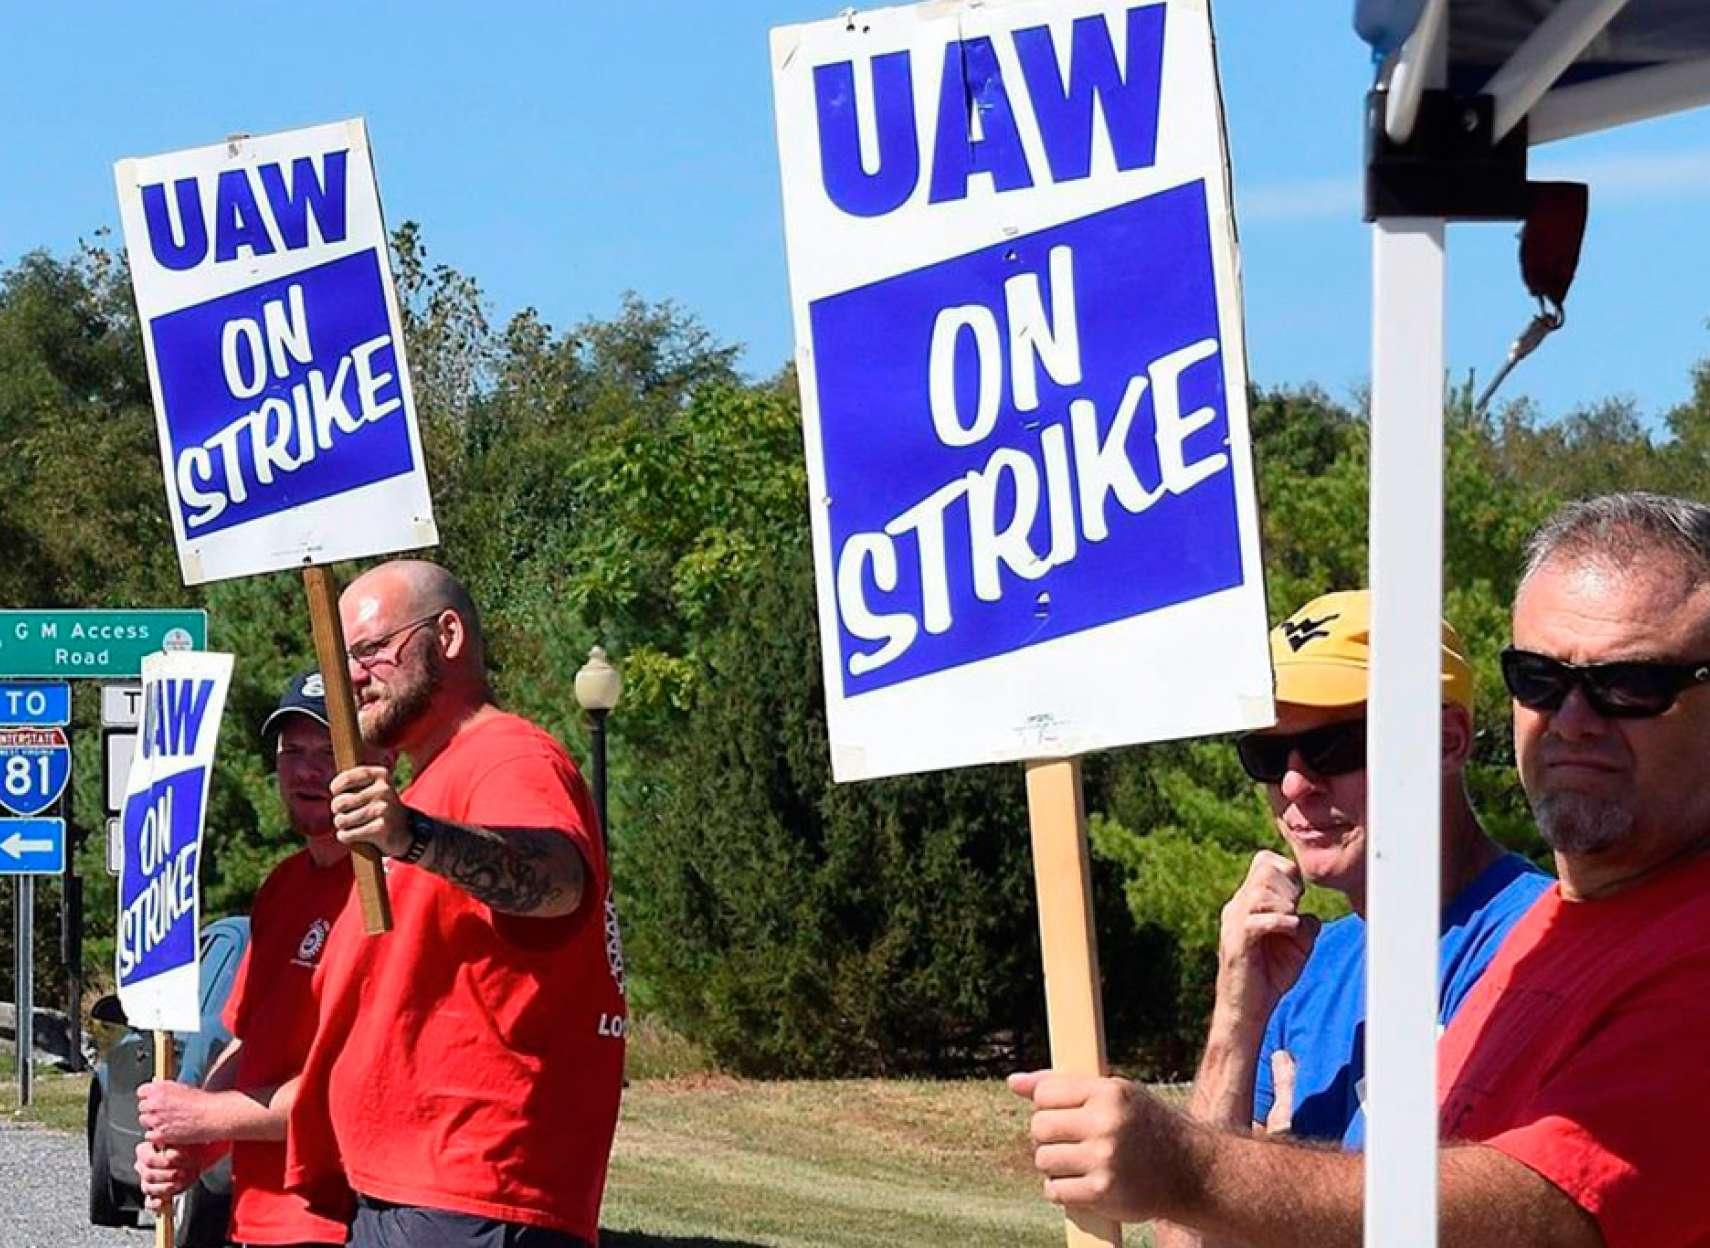 اخبار-تورنتو-جیام-بعلت-اعتصاب-کارگرانش-در-آمریکا-کارگران-تورنتوییاش-را-اخراج-کرد